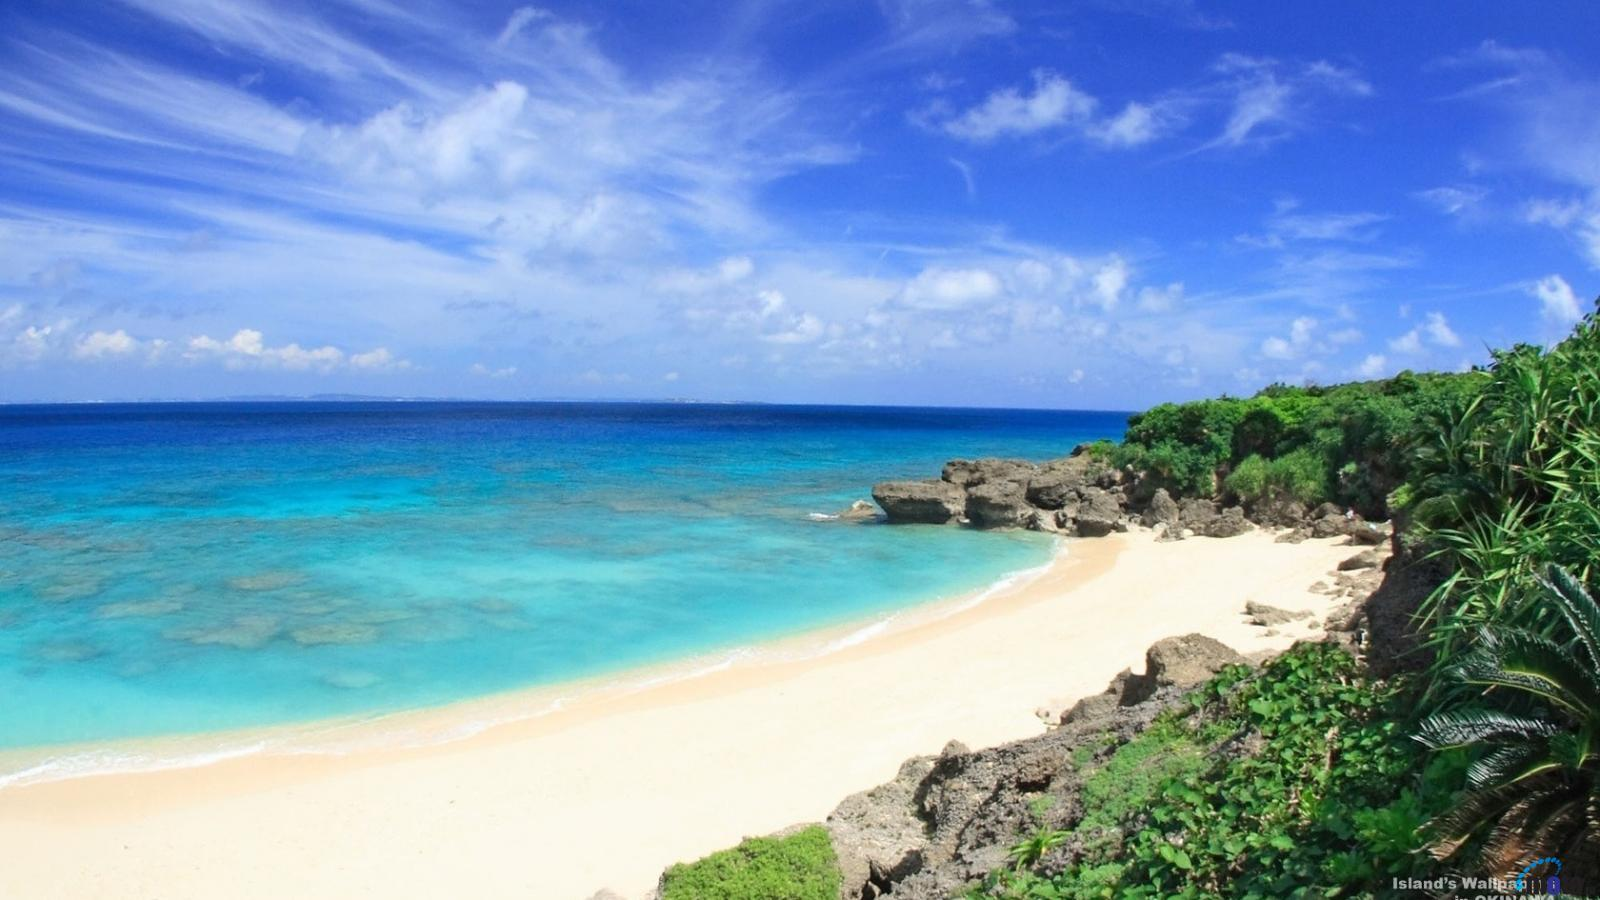 Beach Desktop Wallpaper Widescreen: Okinawa Wallpaper